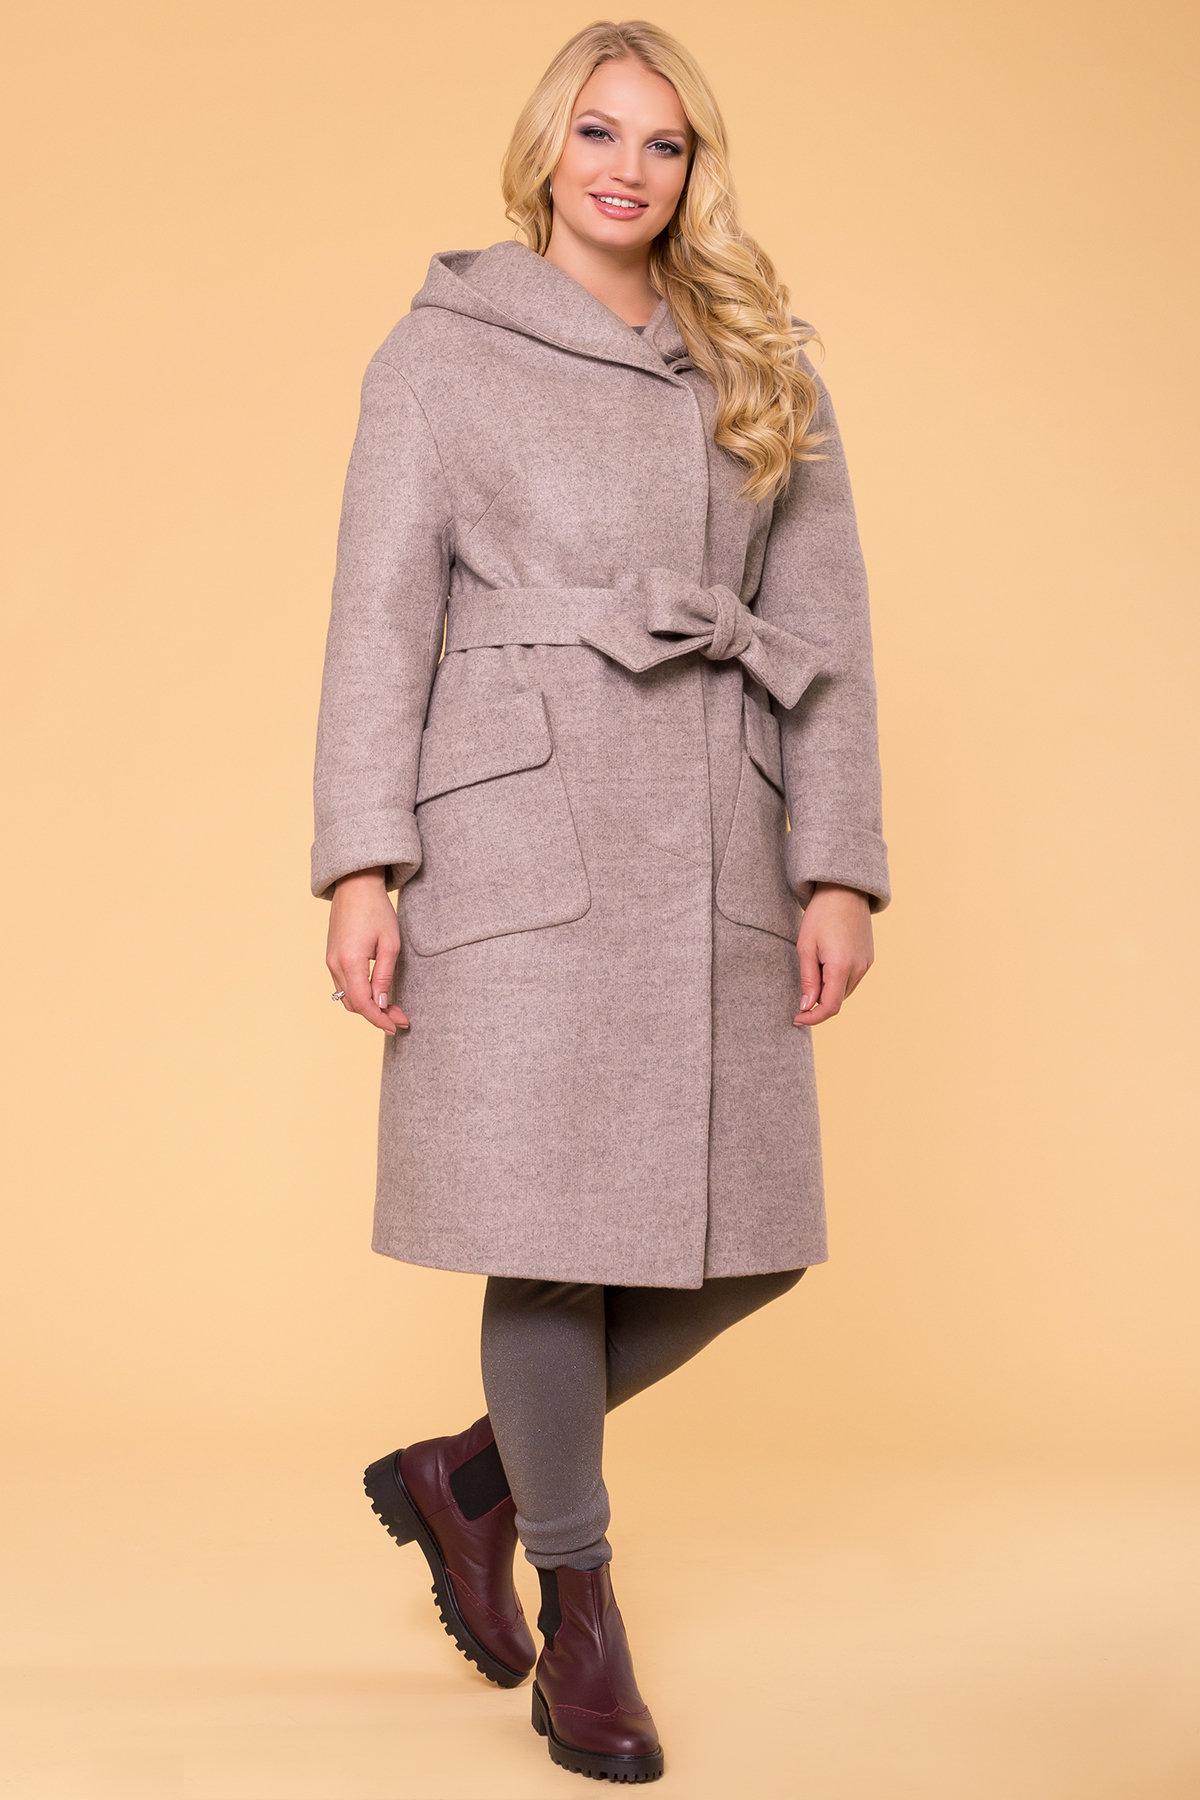 Пальто зимнее купить от TM Modus Пальто зима Анджи DONNA 5612